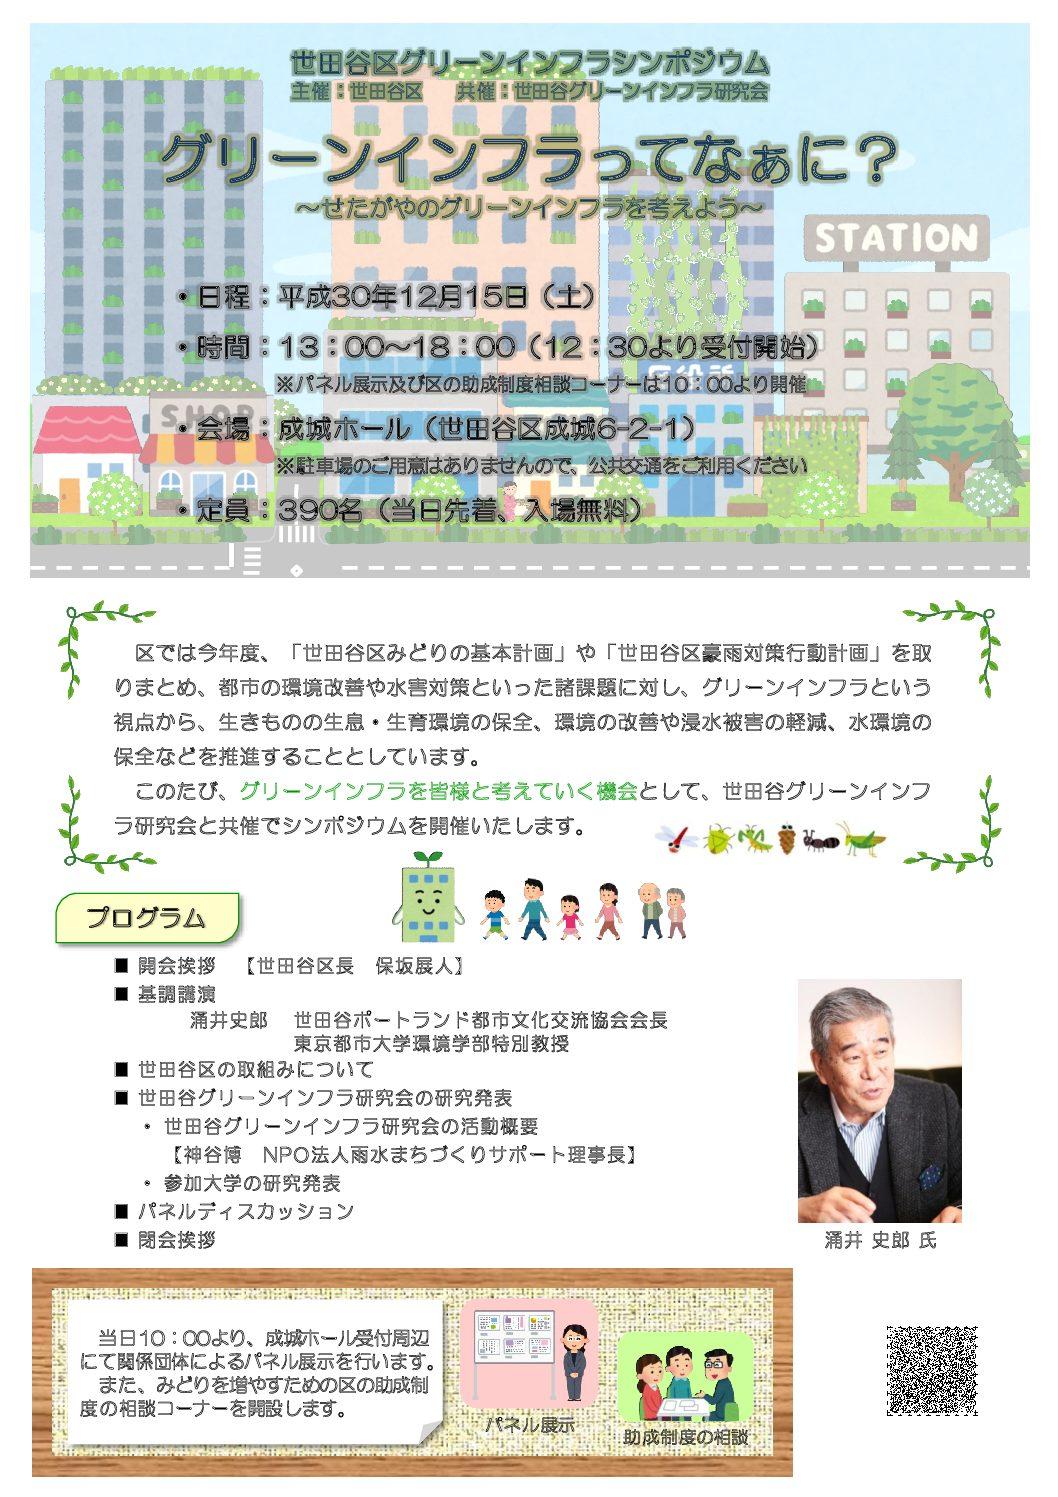 世田谷区グリーンインフラ シンポジウム開催のお知らせ